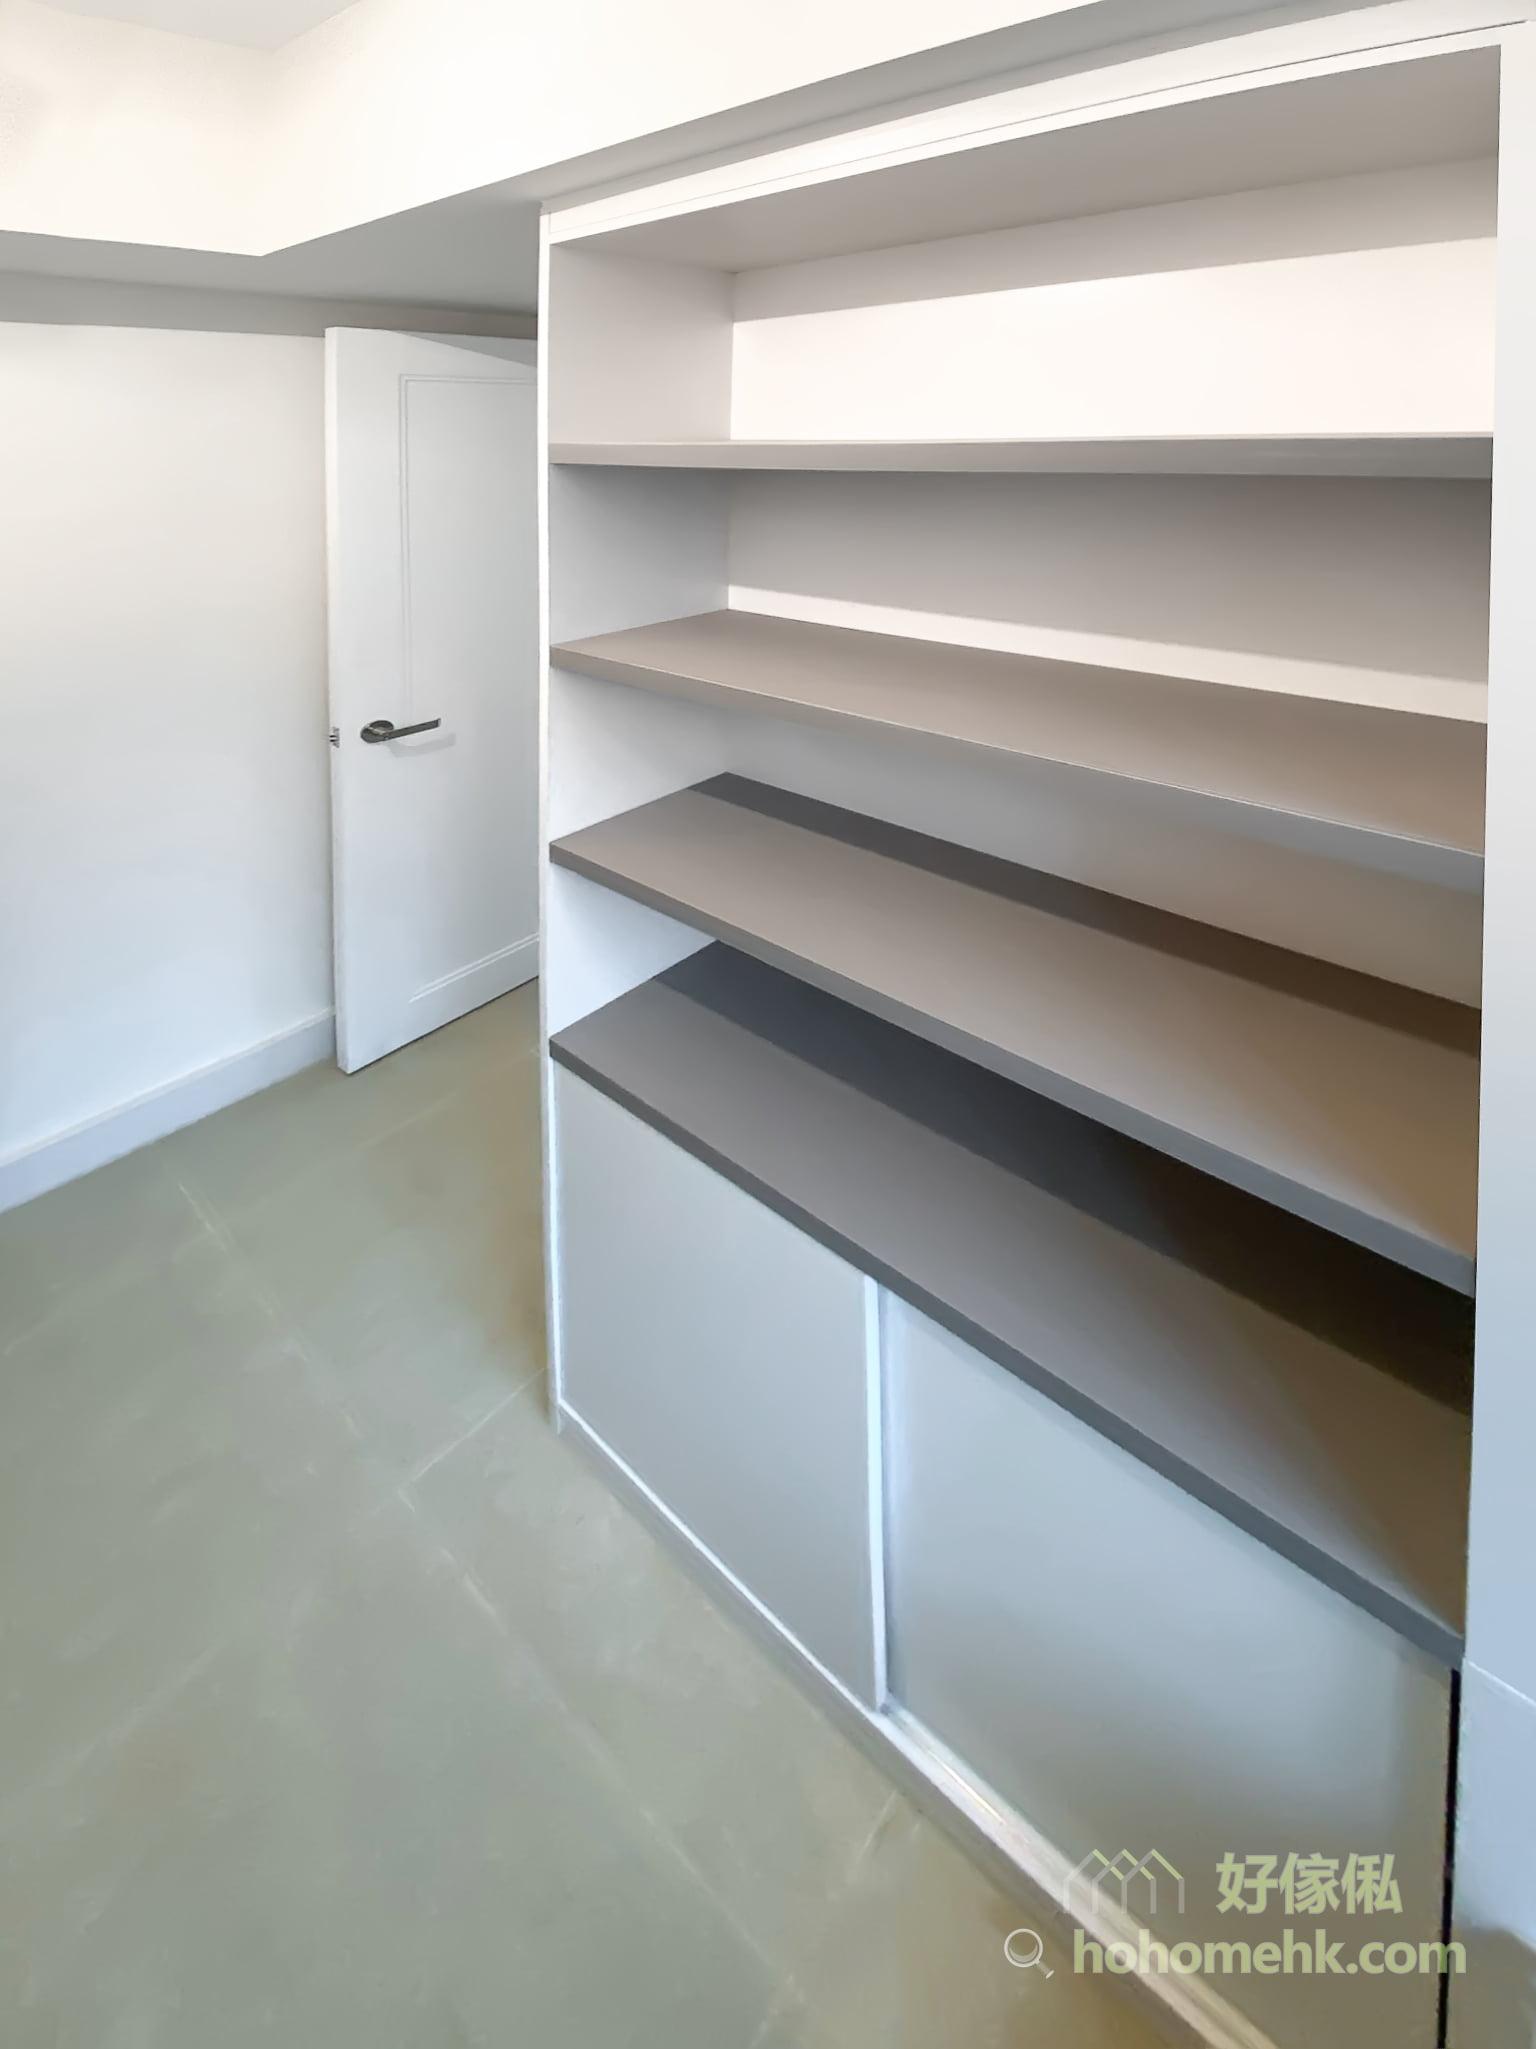 灰白的現代感傢俬,藉著自然光線的照射,反映出灰白獨有的和諧特質,恰到好處地營造出寬敞與舒適的氛圍,而灰白拼色更可為視覺添加了立體感